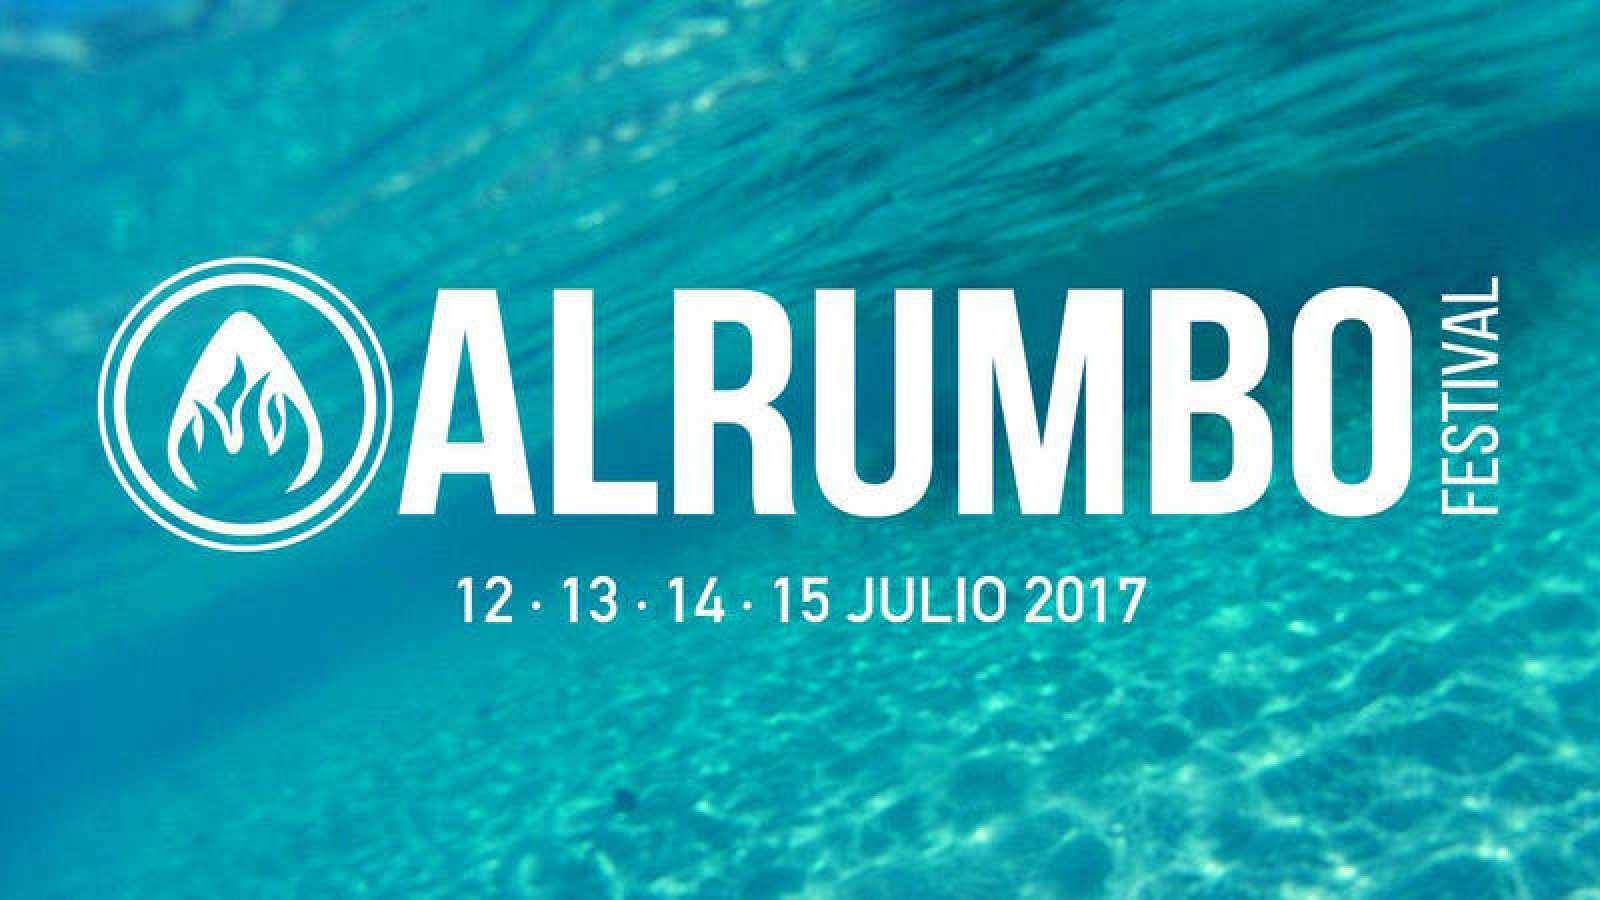 Alrumbo Festival se celebrará del 12 al 15 de julio en Chiclana de la Frontera